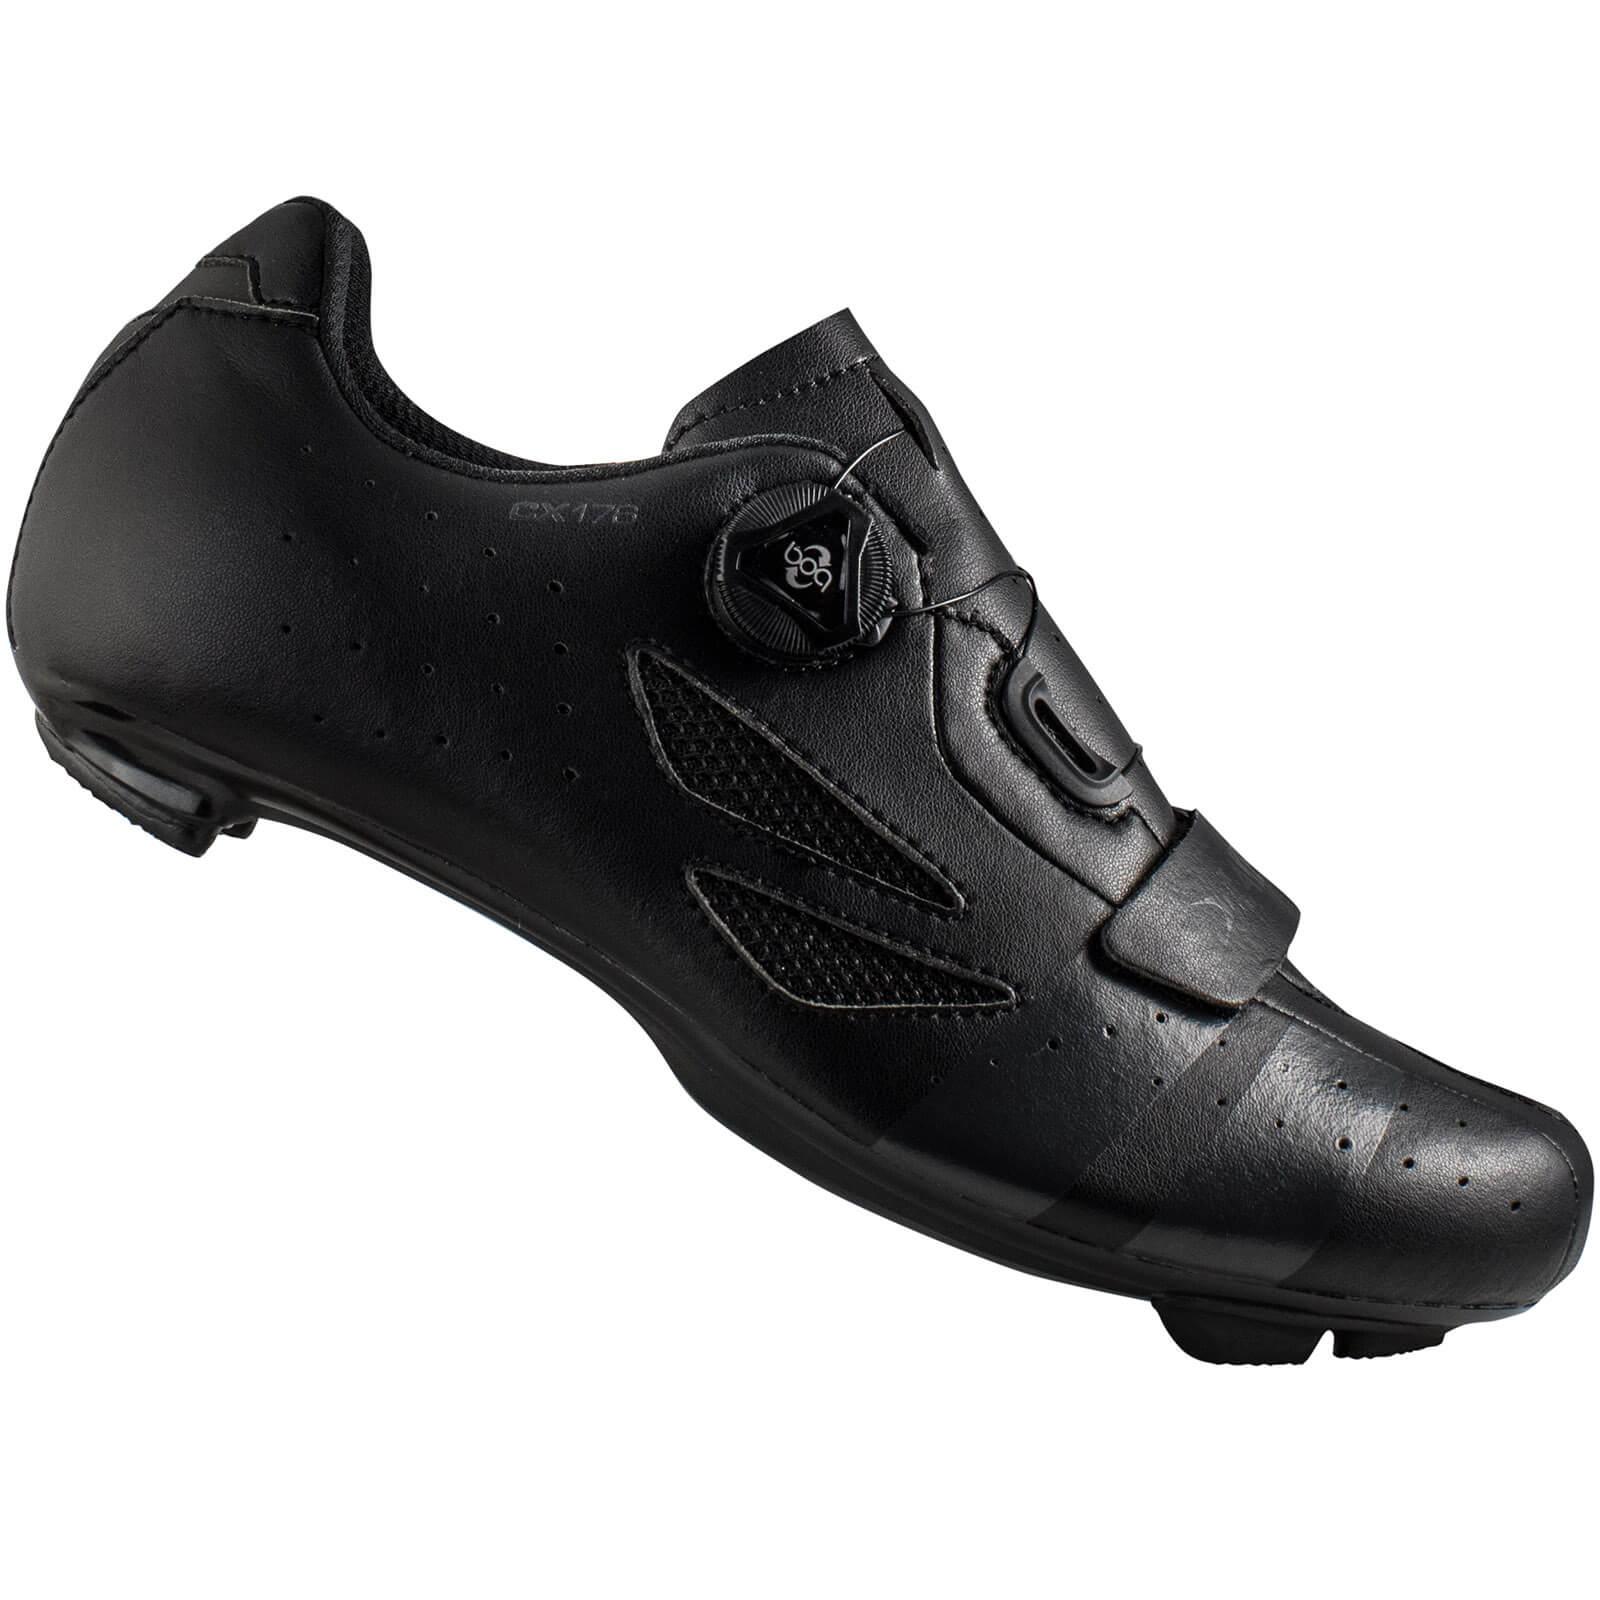 Lake Cx176 Road Shoes - Black/grey - Eu 44